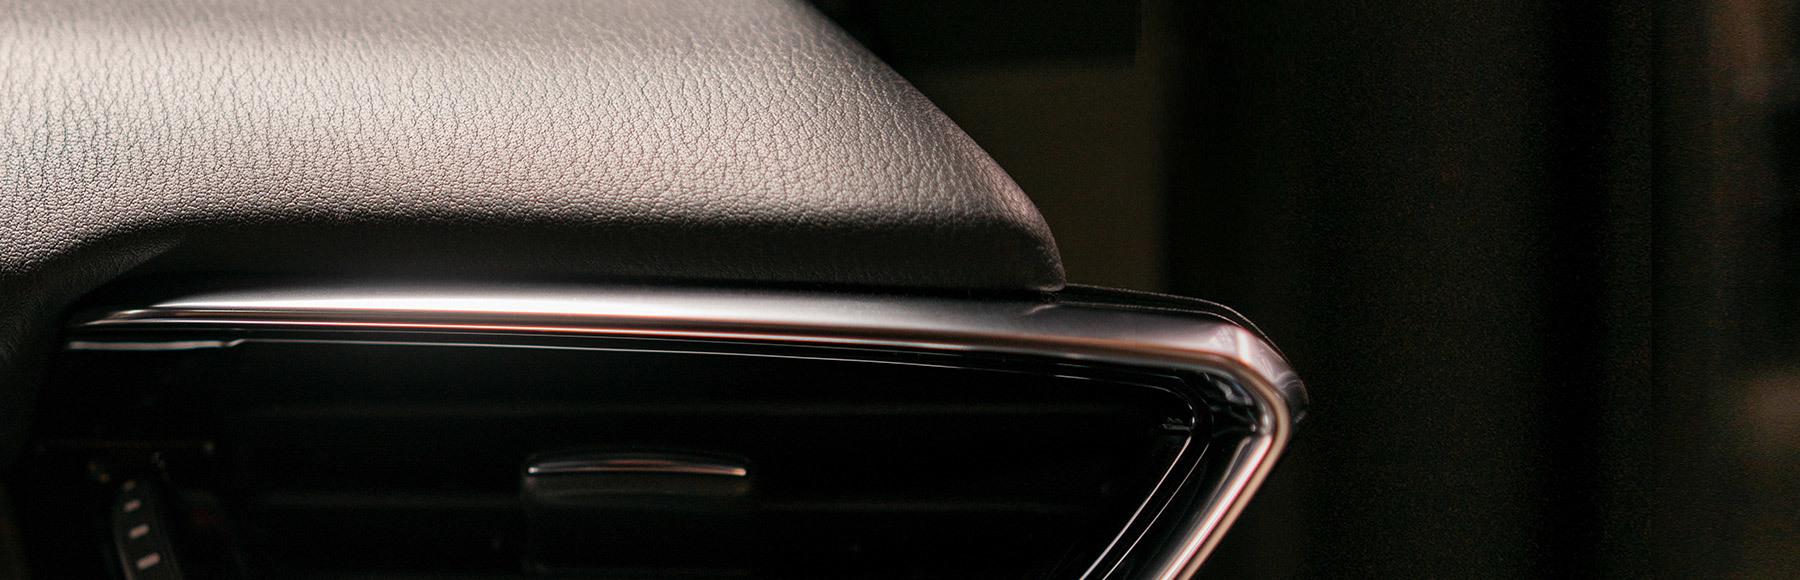 2019 Mazda6 Interior Detailing